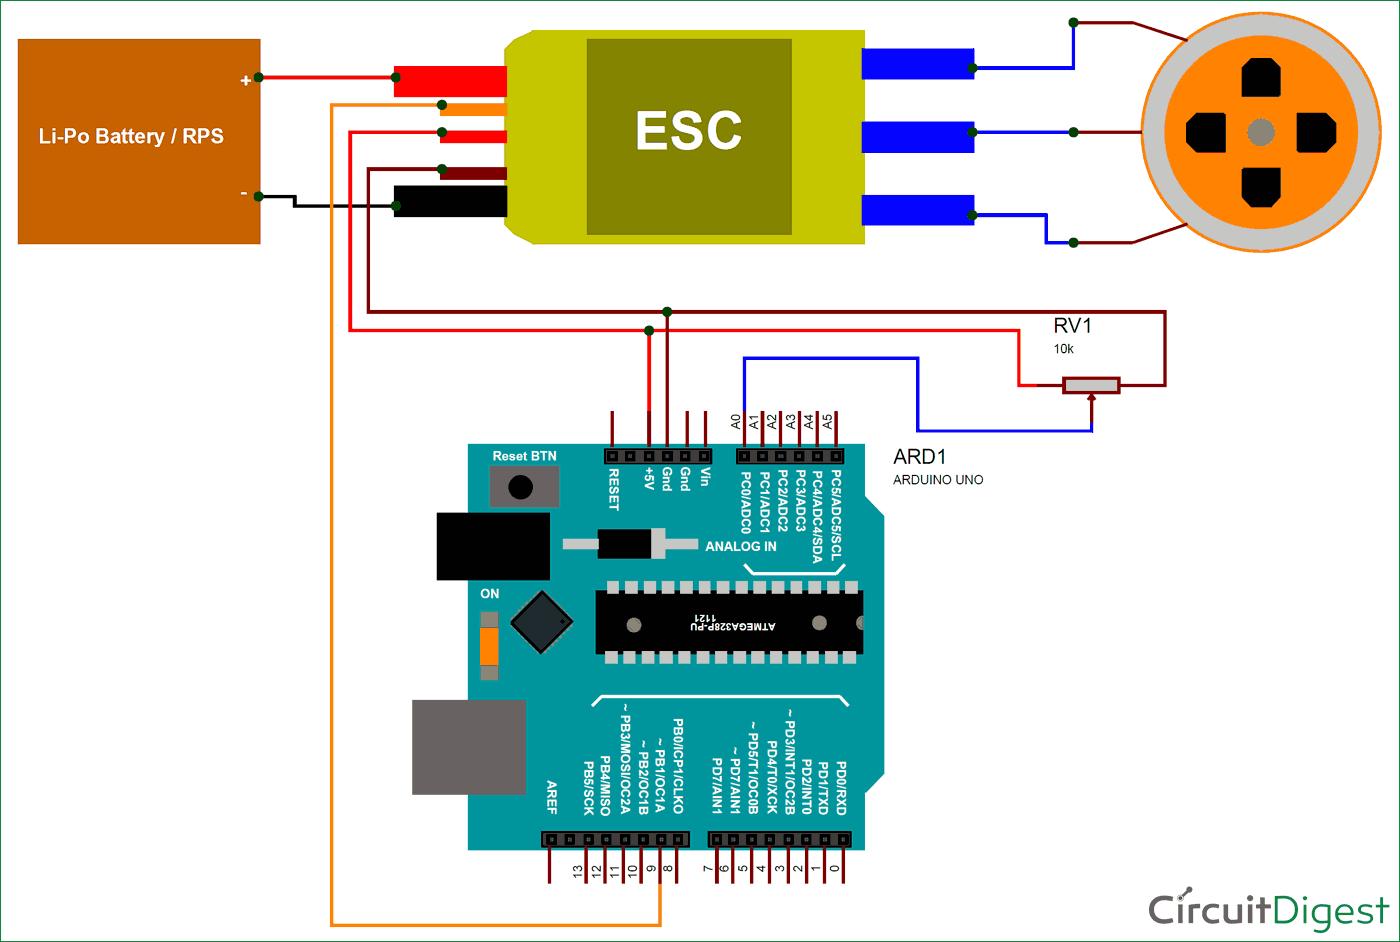 circuit diagram for controlling brushless dc motor using arduino [ 1400 x 942 Pixel ]